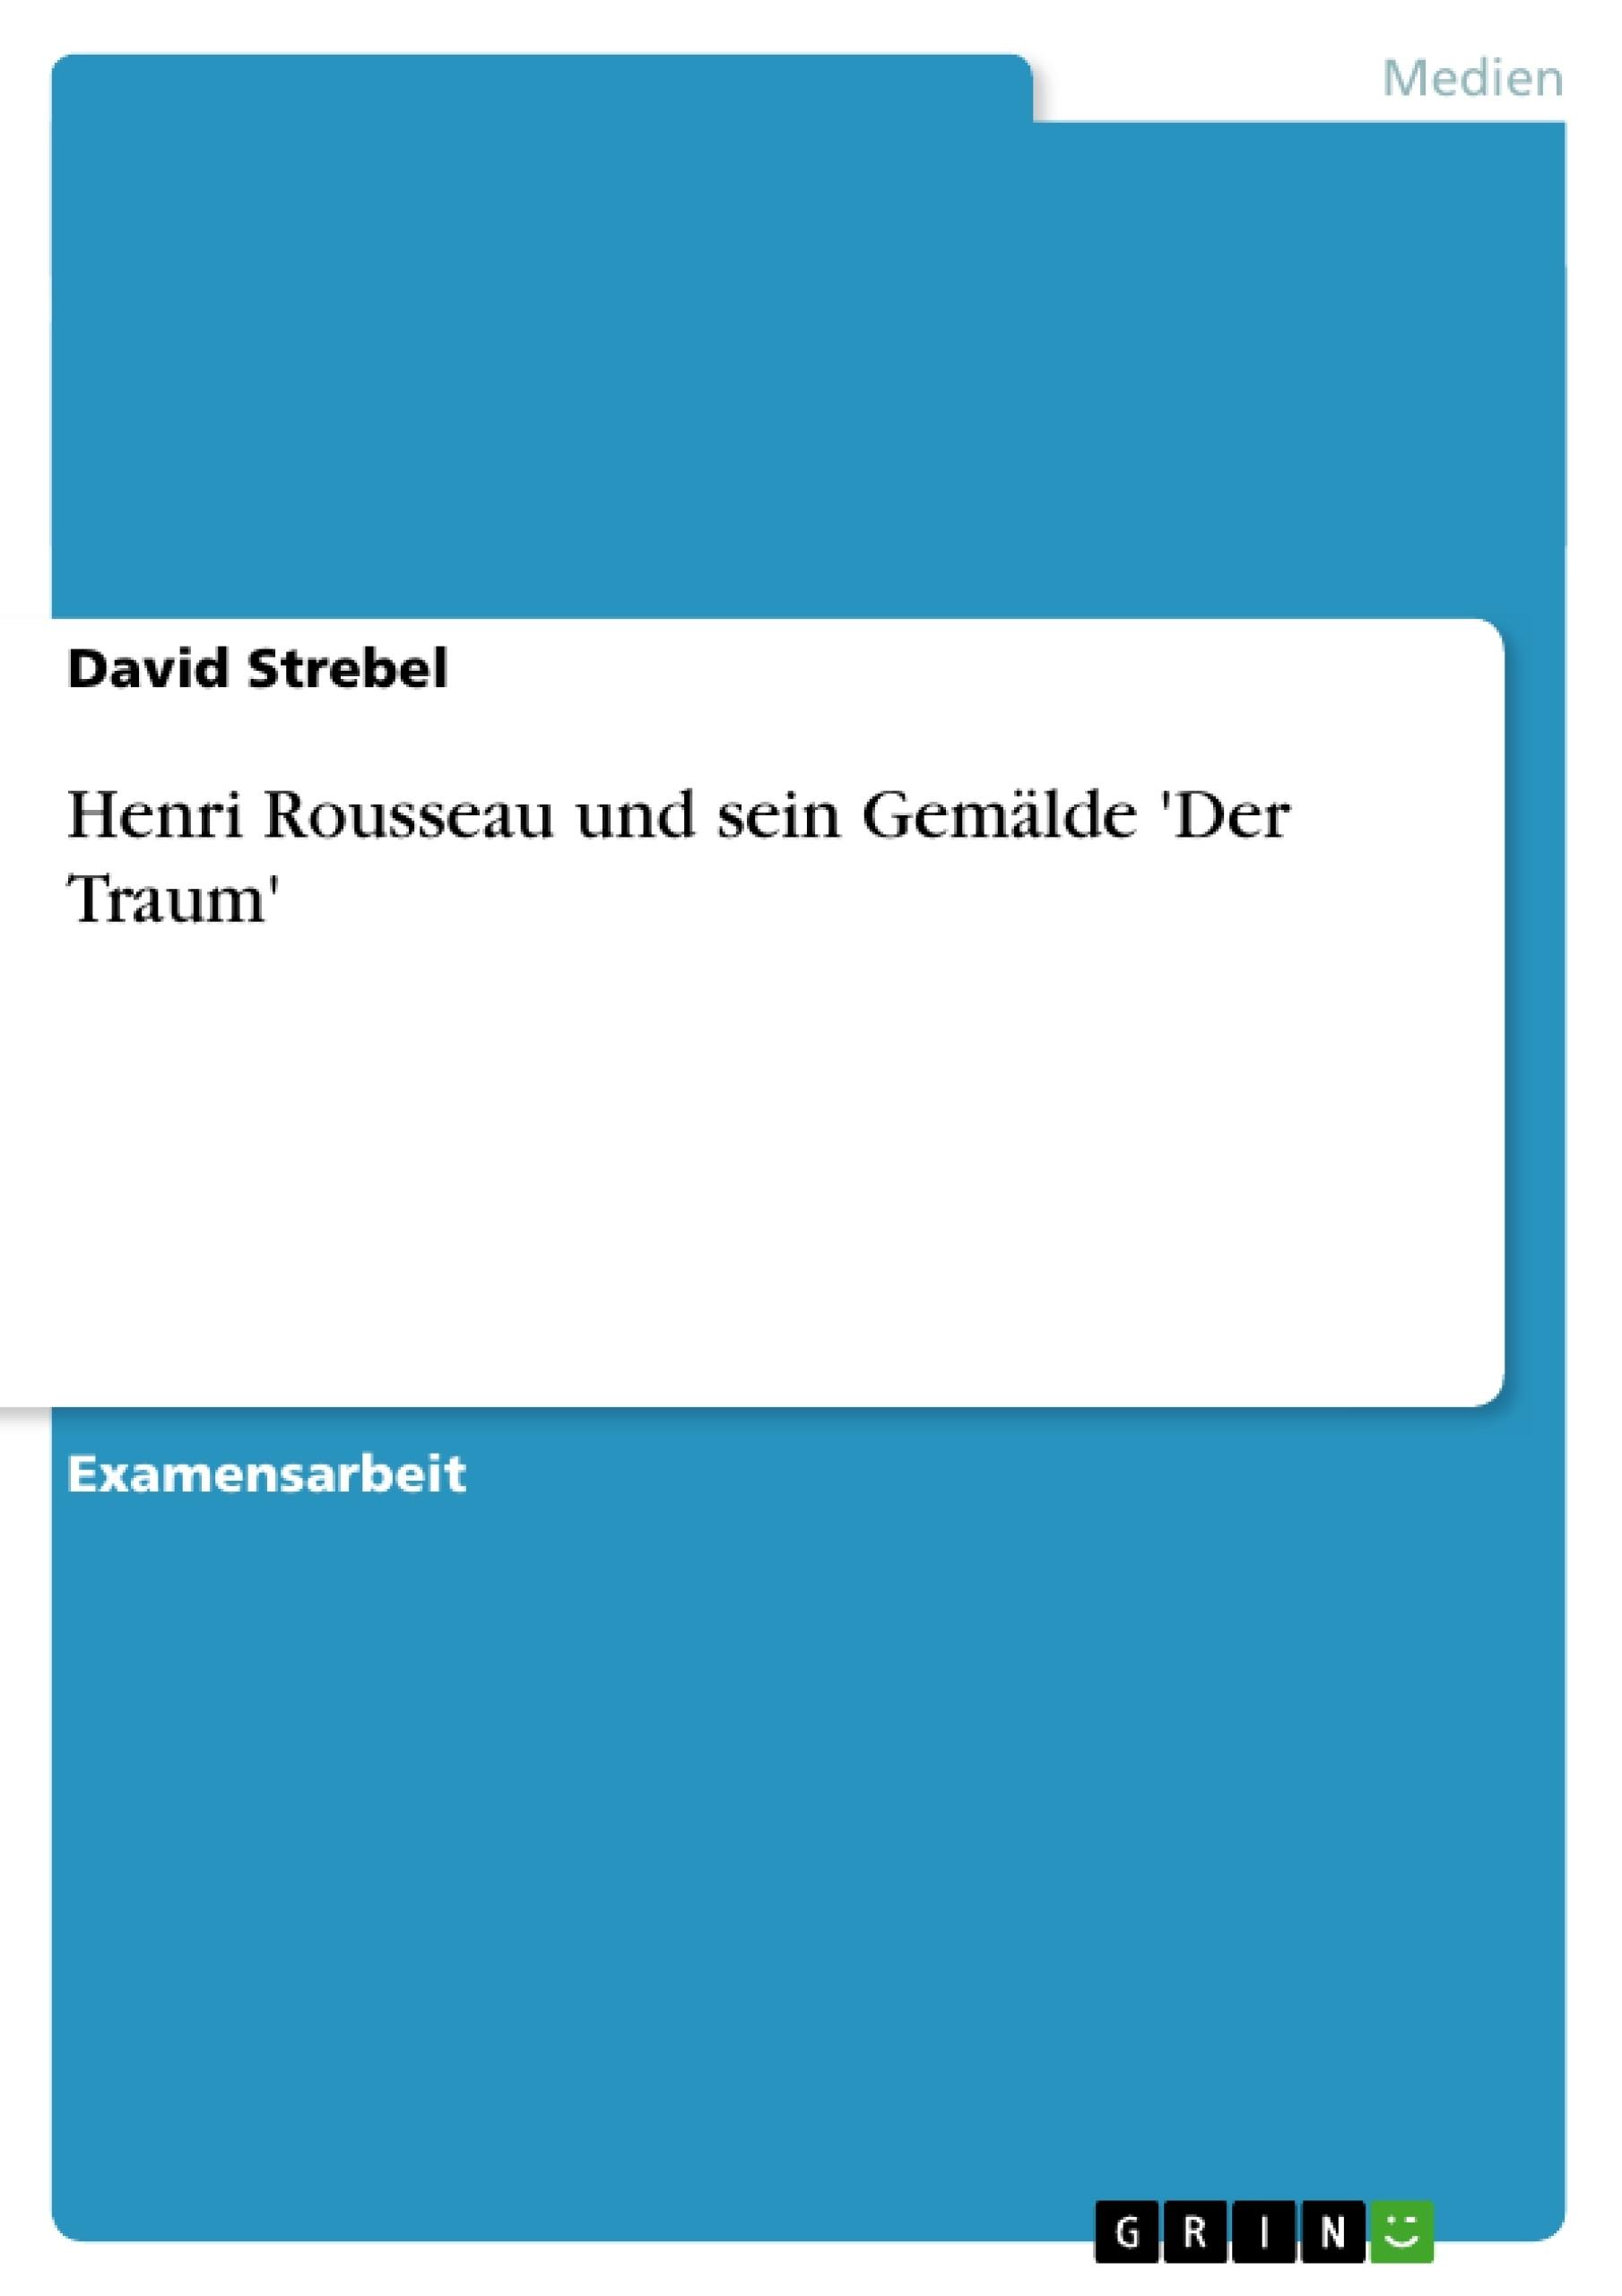 Titel: Henri Rousseau und sein Gemälde 'Der Traum'